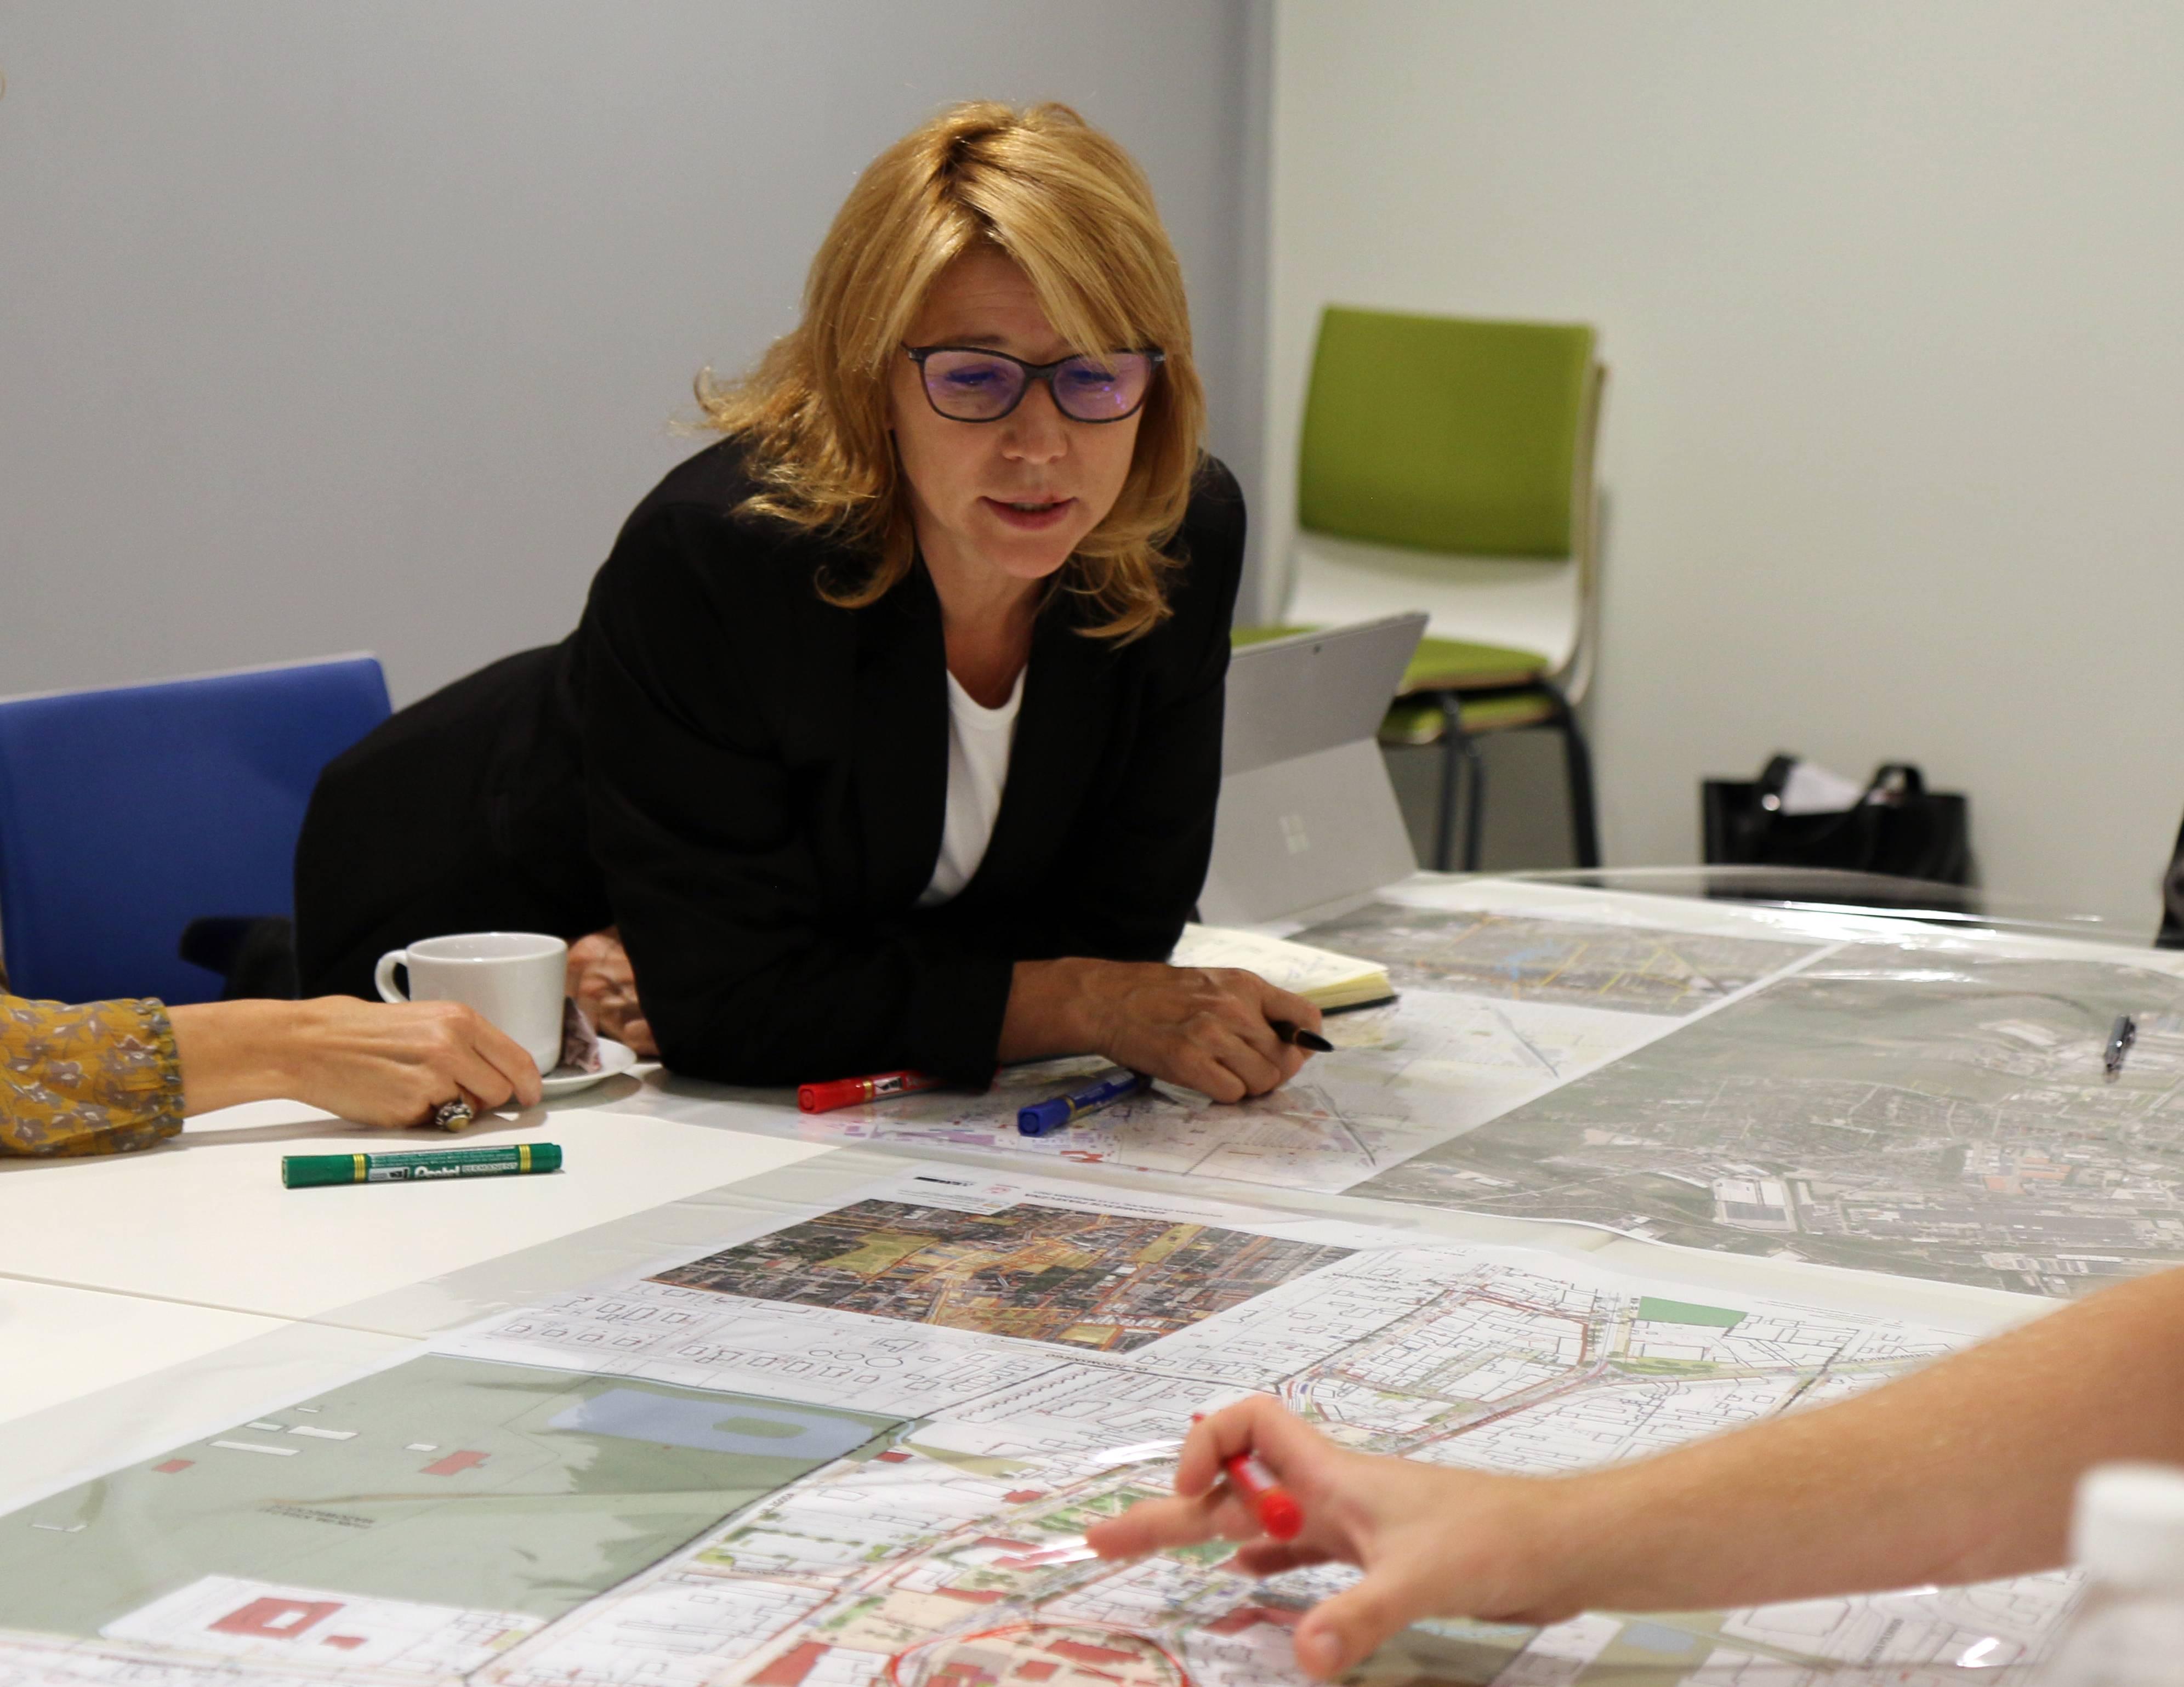 Jakie centrum Piaseczna? Na zdjęciu wiceburmistrz Hanna Kułakowska-Michalak nad stołem z rozłożoną mapą Piaseczna.